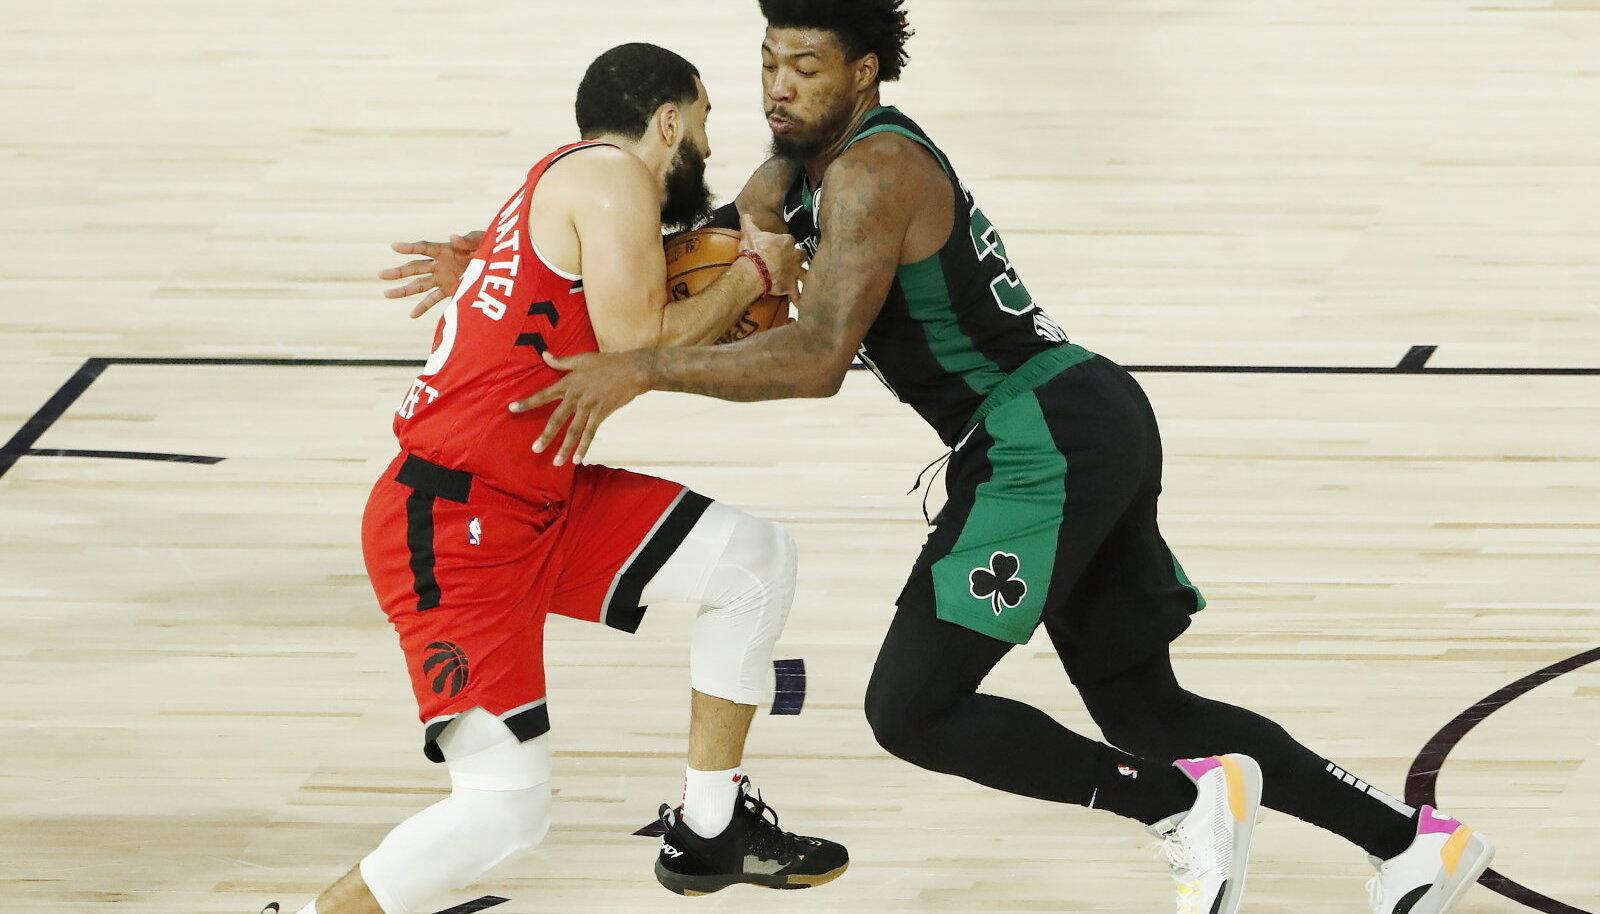 Palli nimel võitlevad Raptorsi tagamees Fred VanVleet (vasakul) ka Celticsi kaitseguru Marcus Smart.